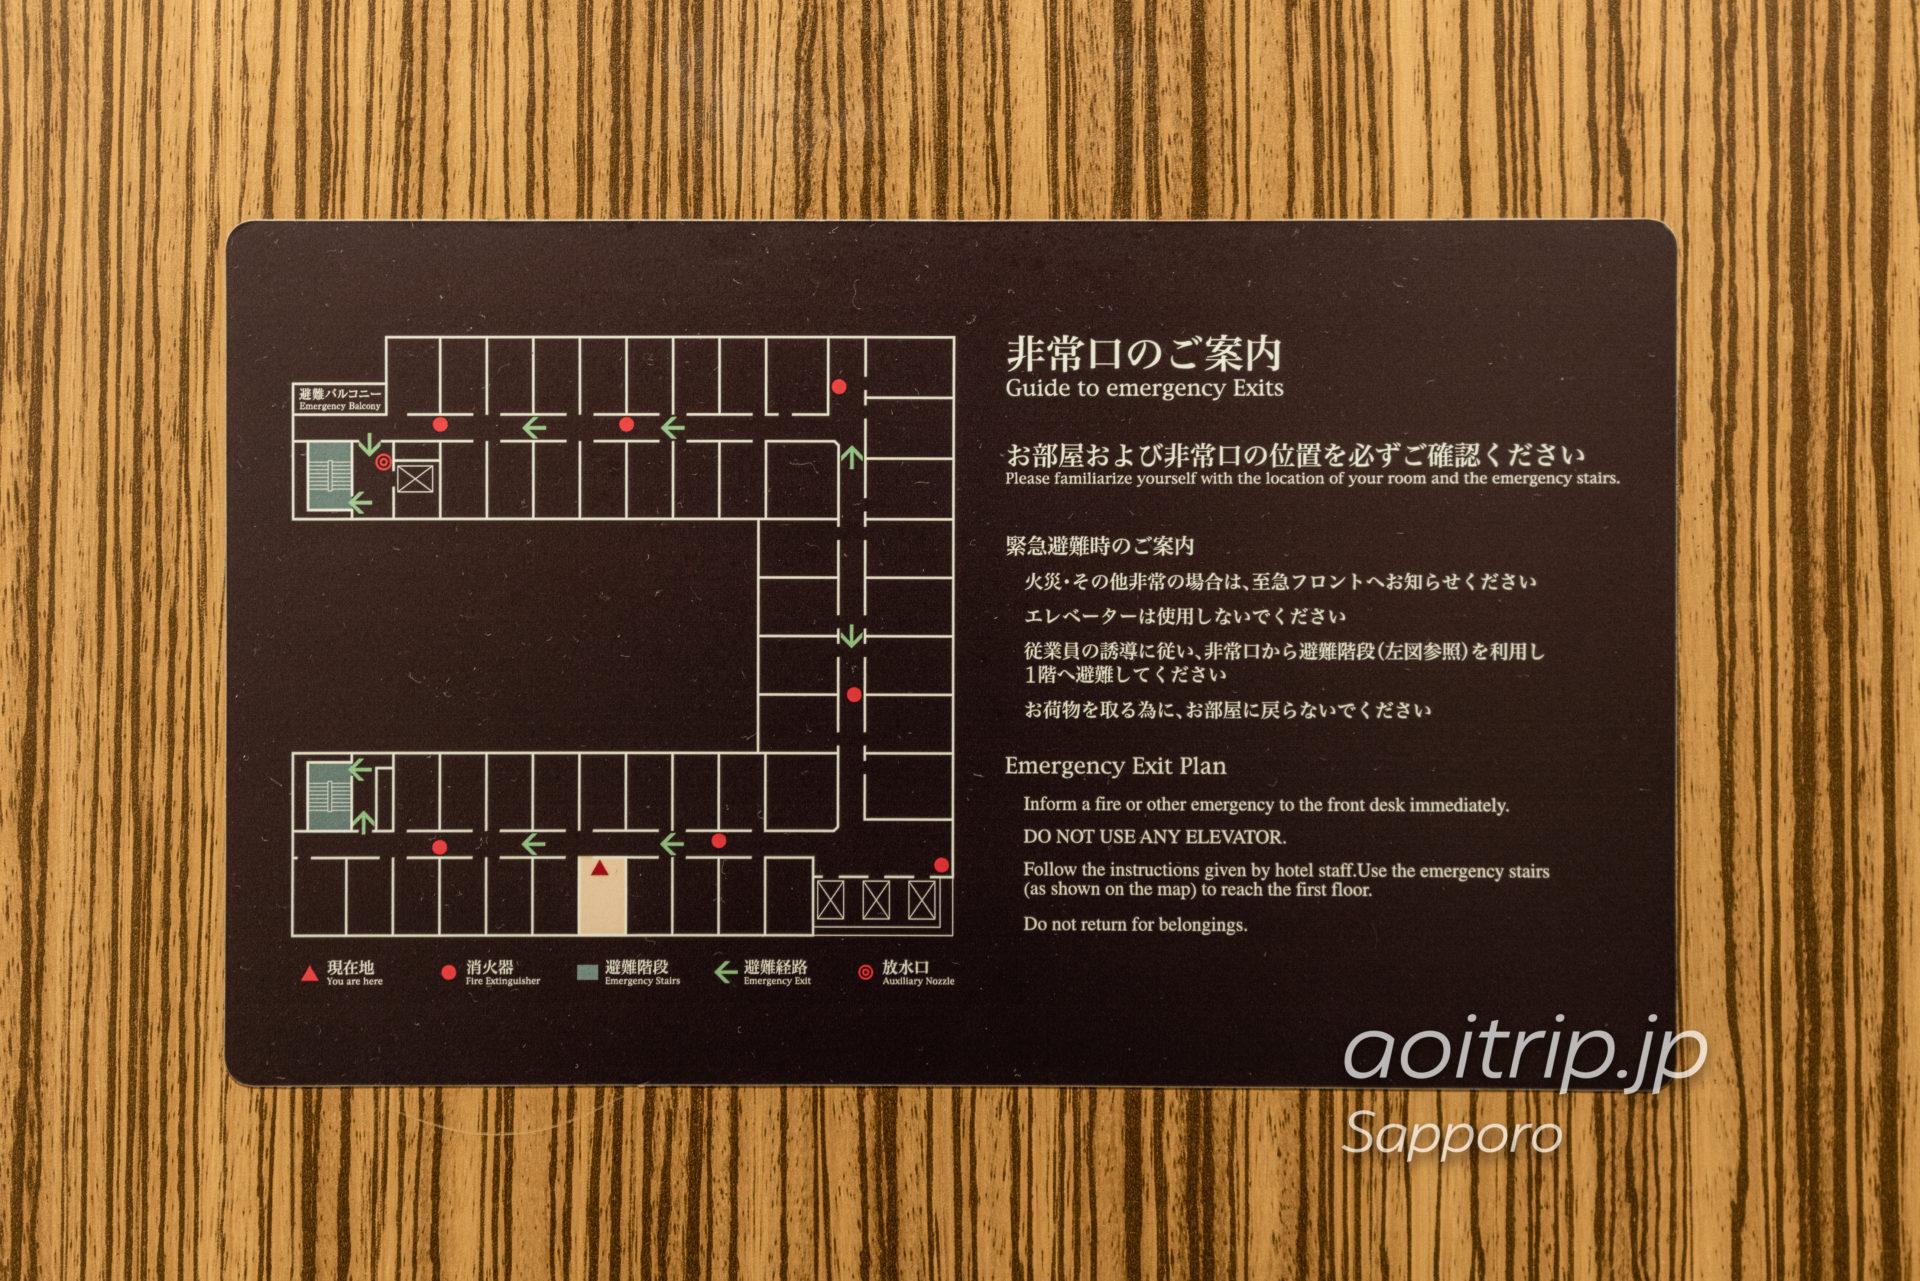 ホテル グレイスリー札幌のフロアマップ